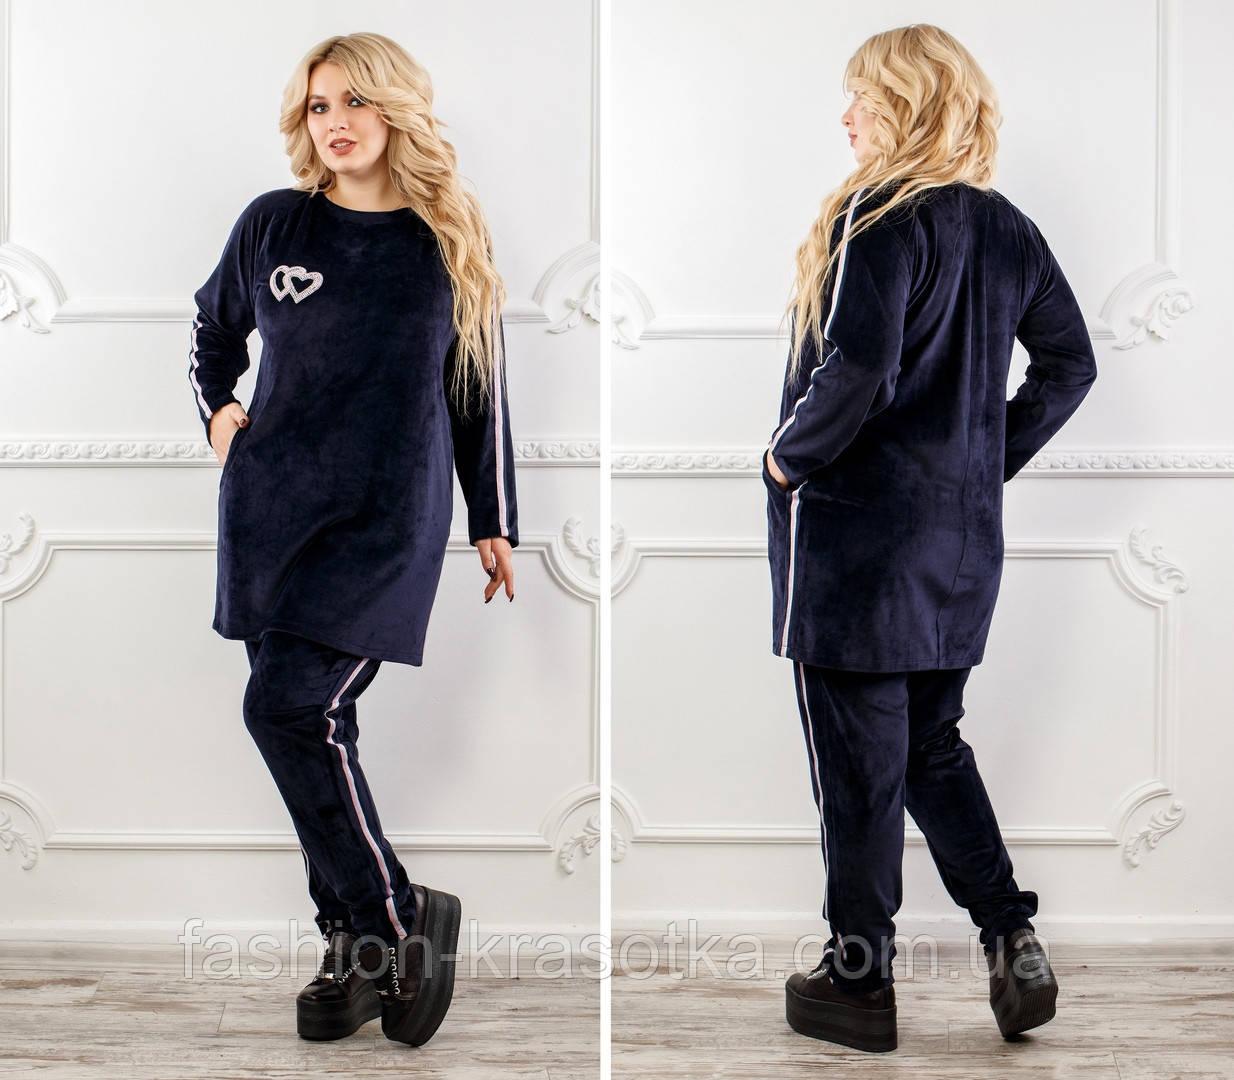 Модный женский спортивный костюм больших размеров ,ткань велюр